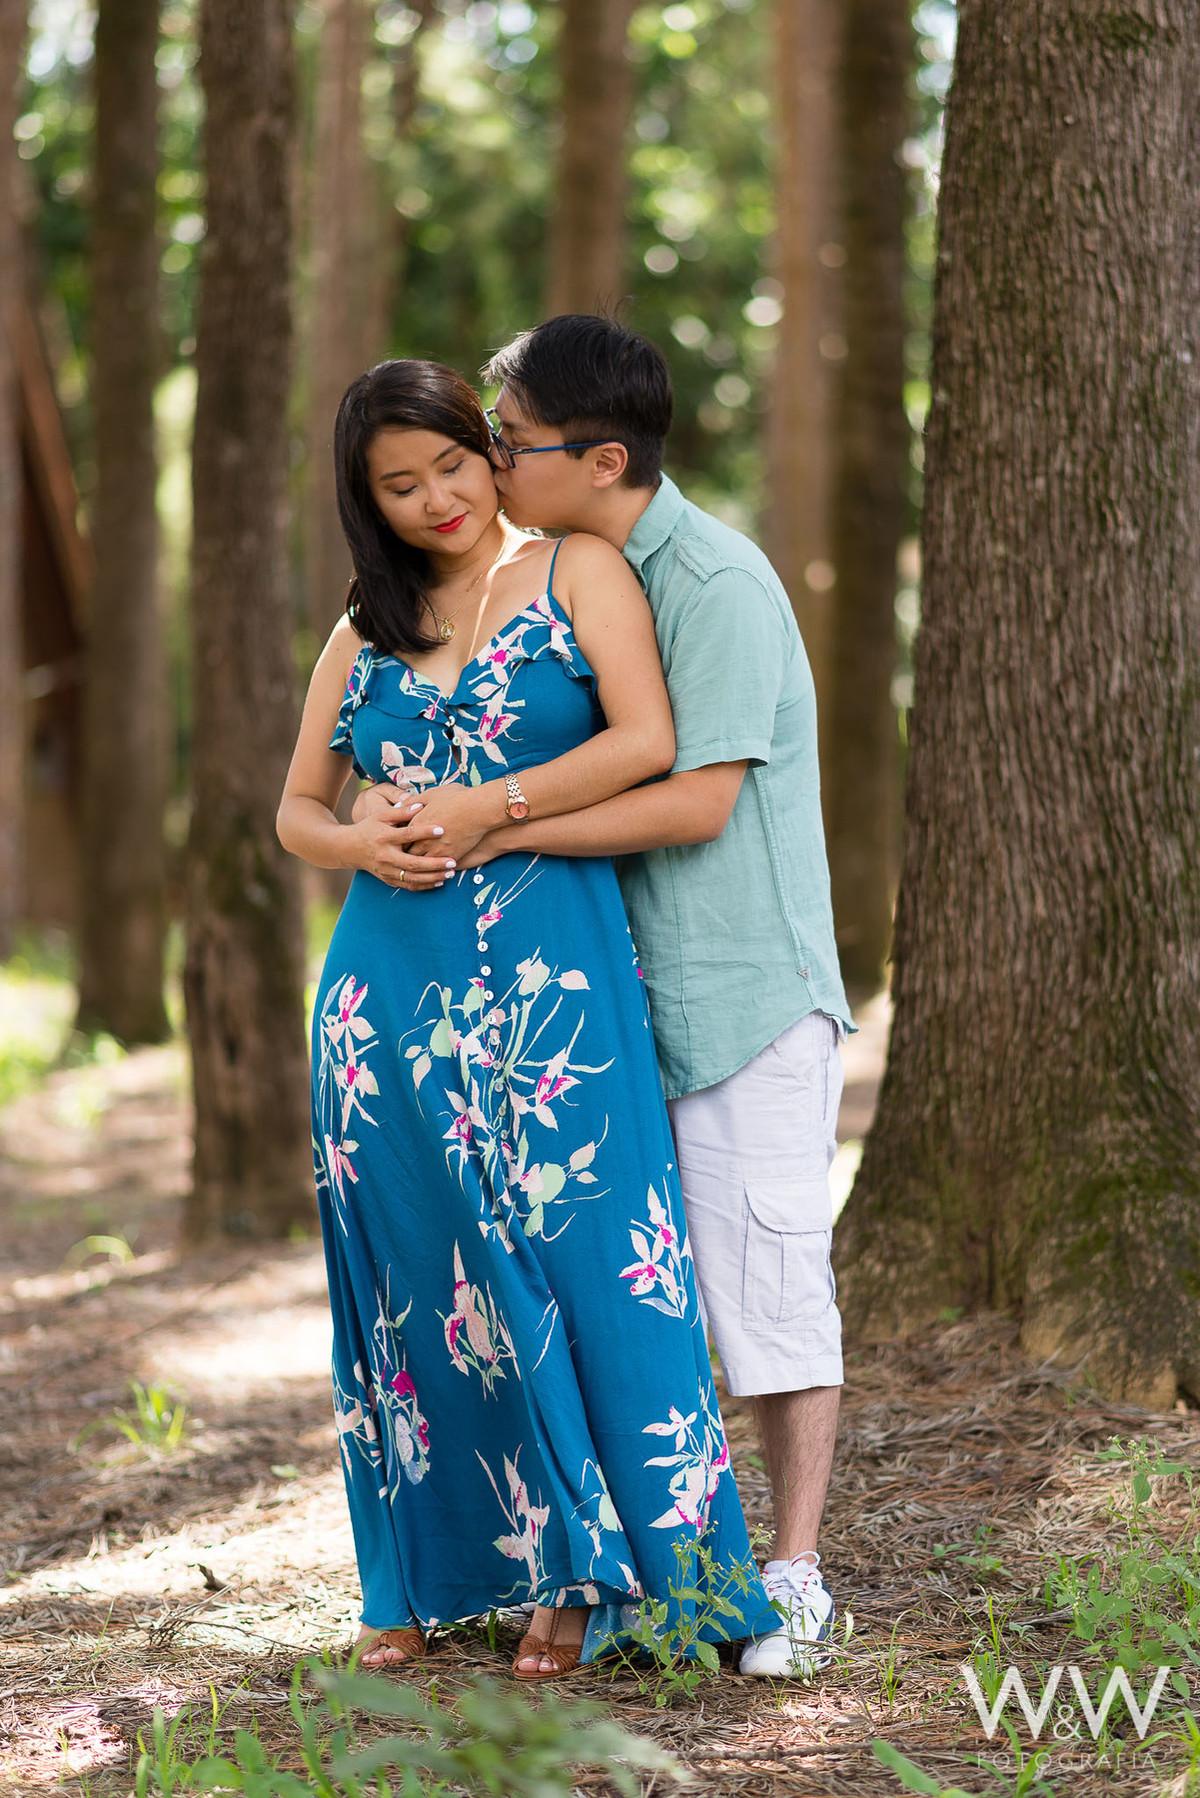 ensaio pré wedding casal oriental holambra eucalipto